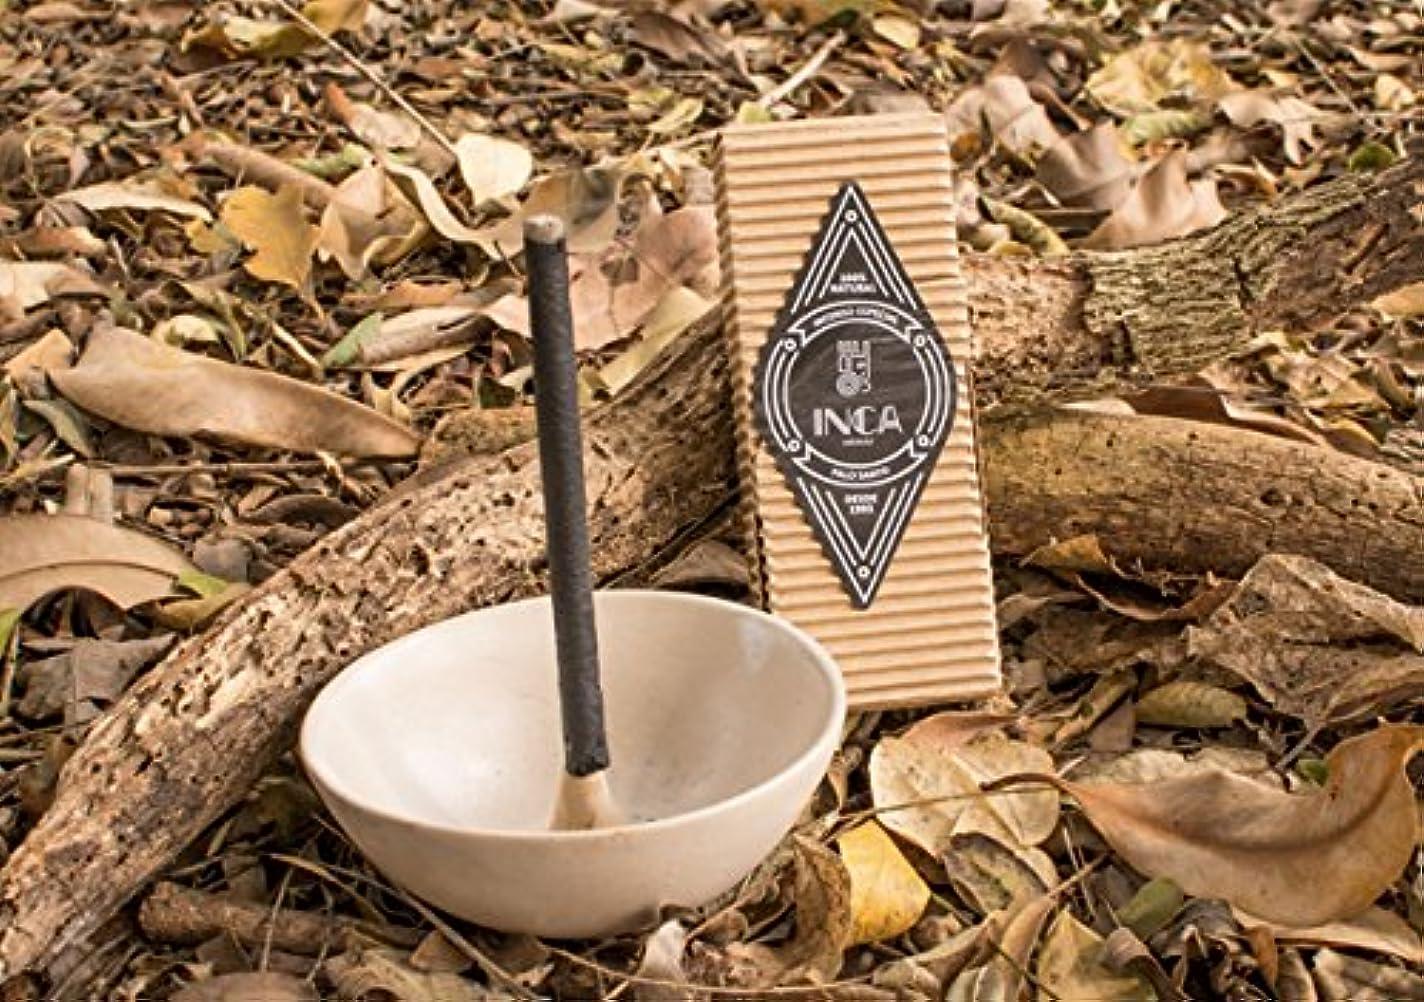 複製信条ムスタチオ新しいボックスの9プレミアムPalo Santo Incense Sticks :手作り100 %ナチュラル、アーティザンand Therapeutic Incense Stickからのブラジルアマゾンフォレスト、経験正...